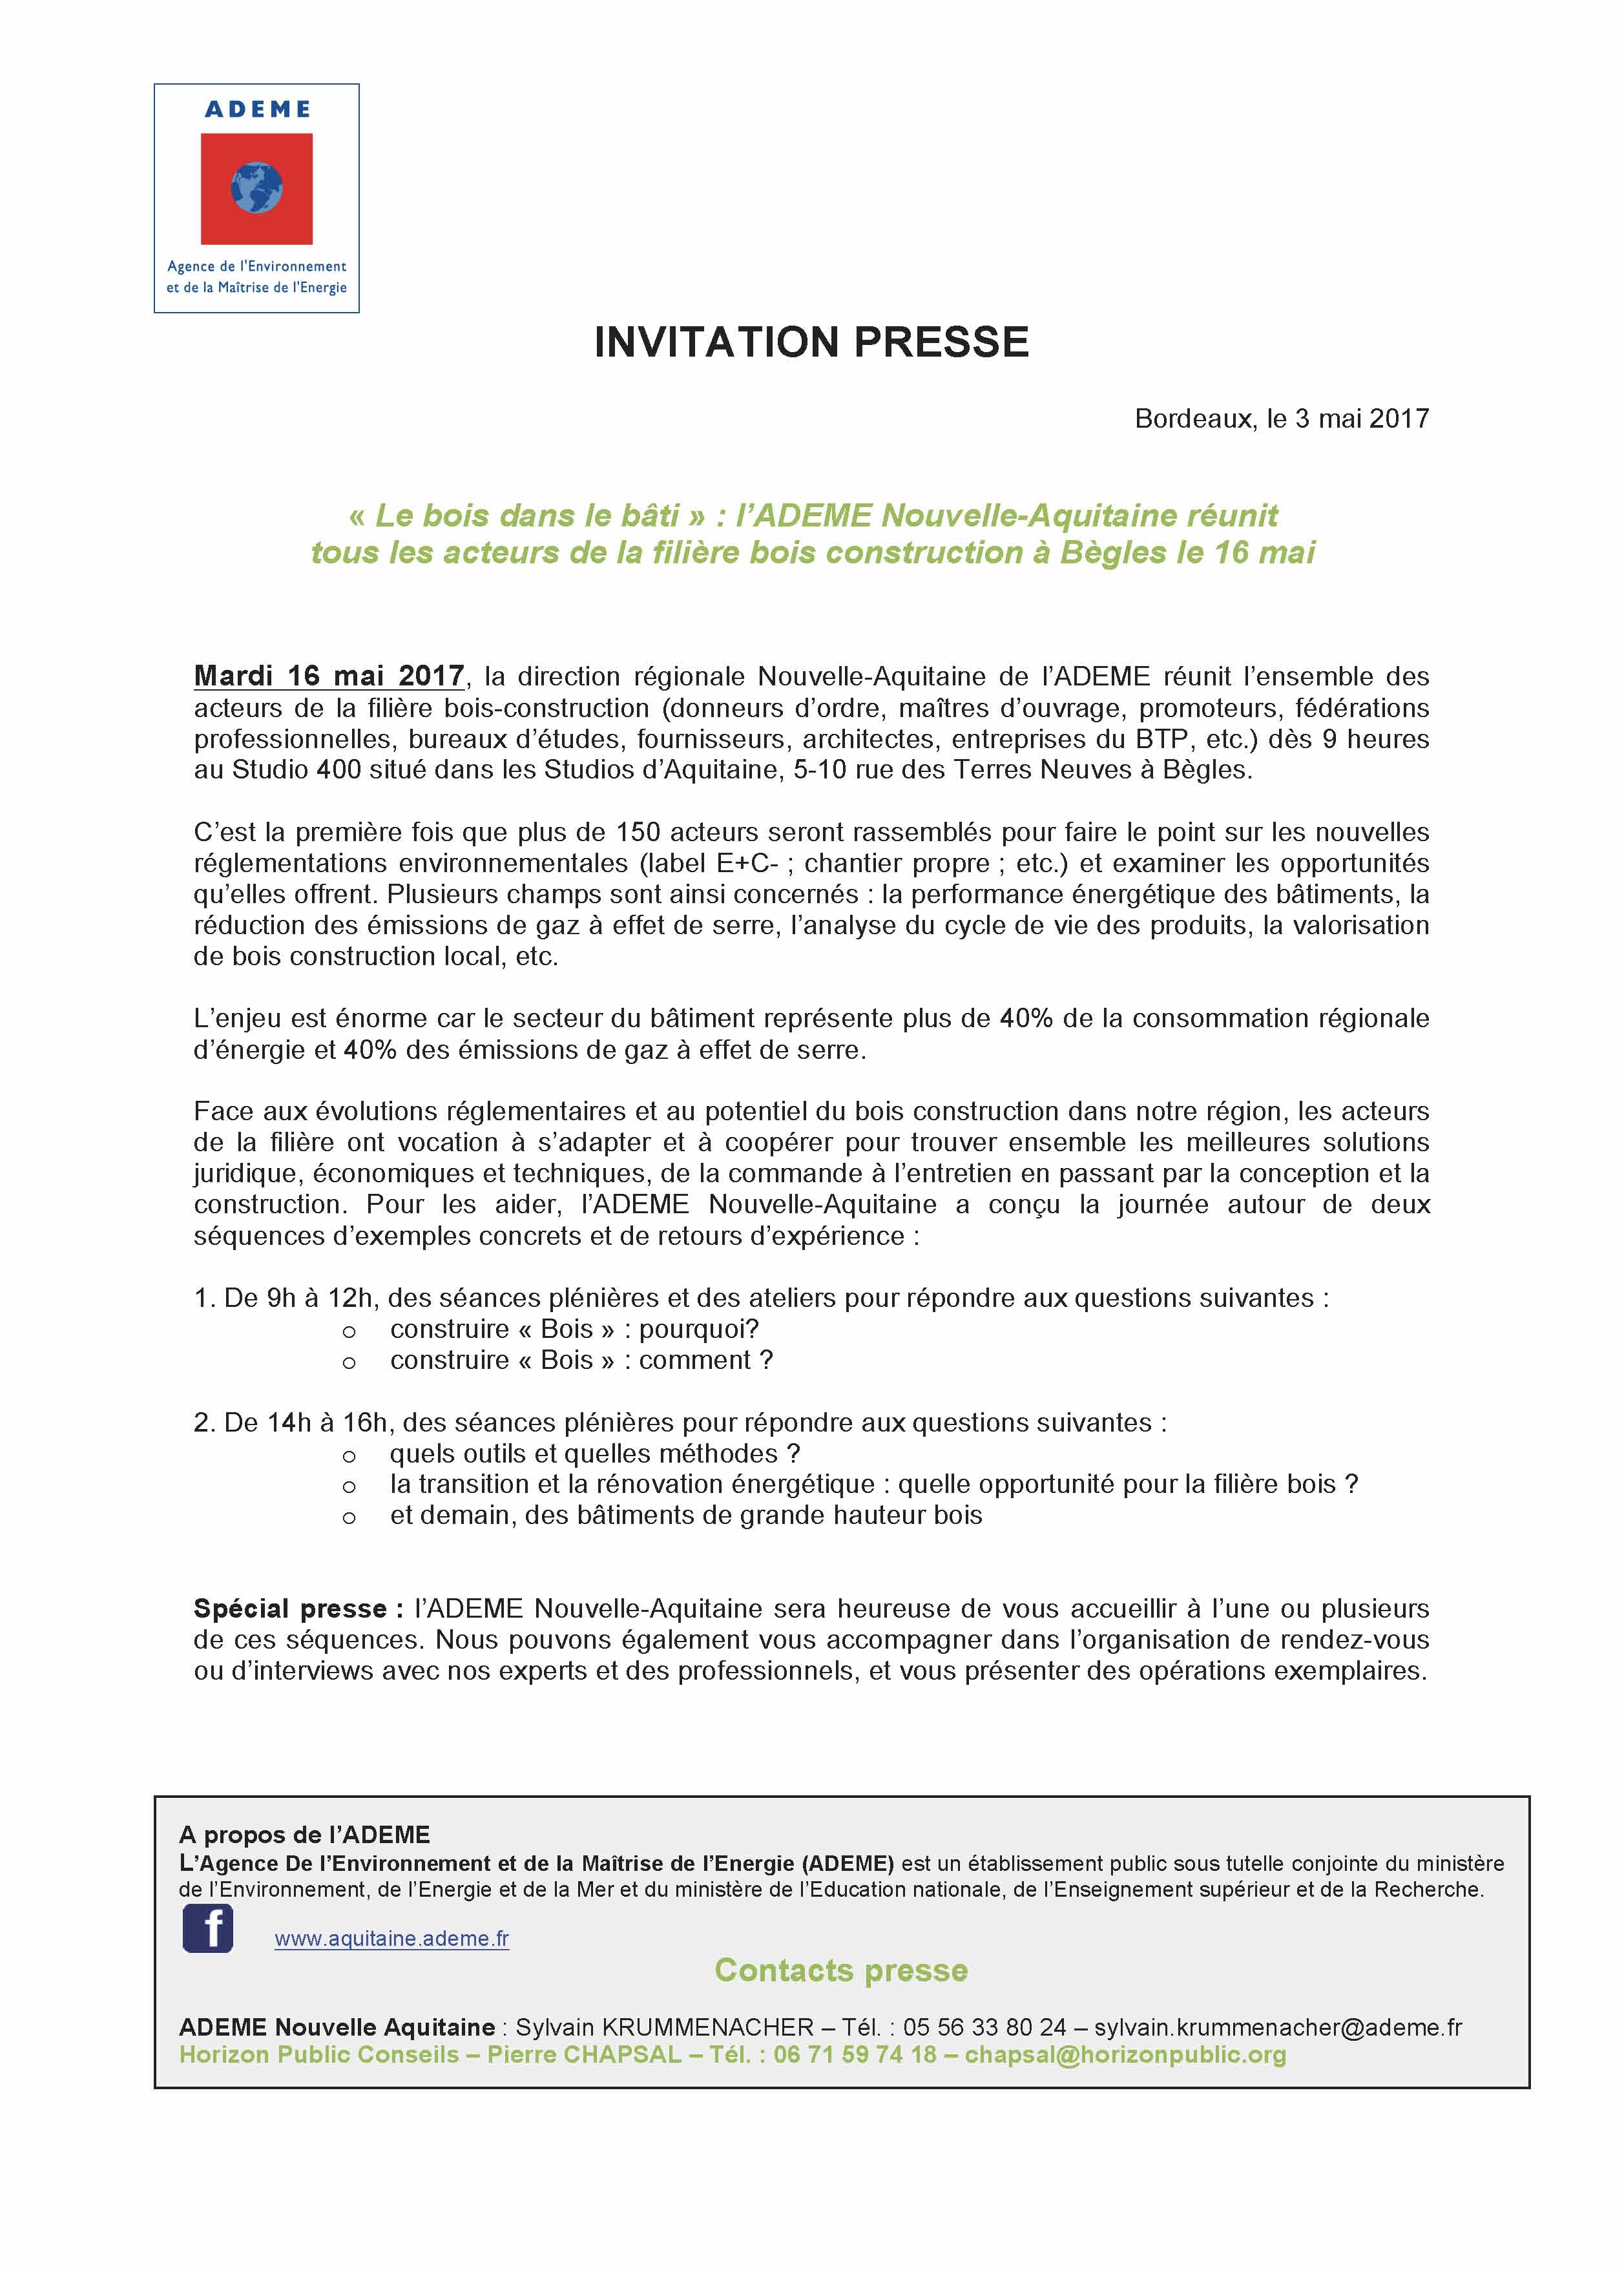 Invitation Presse Ademe Construction Bois En Nouvelle Aquitaine